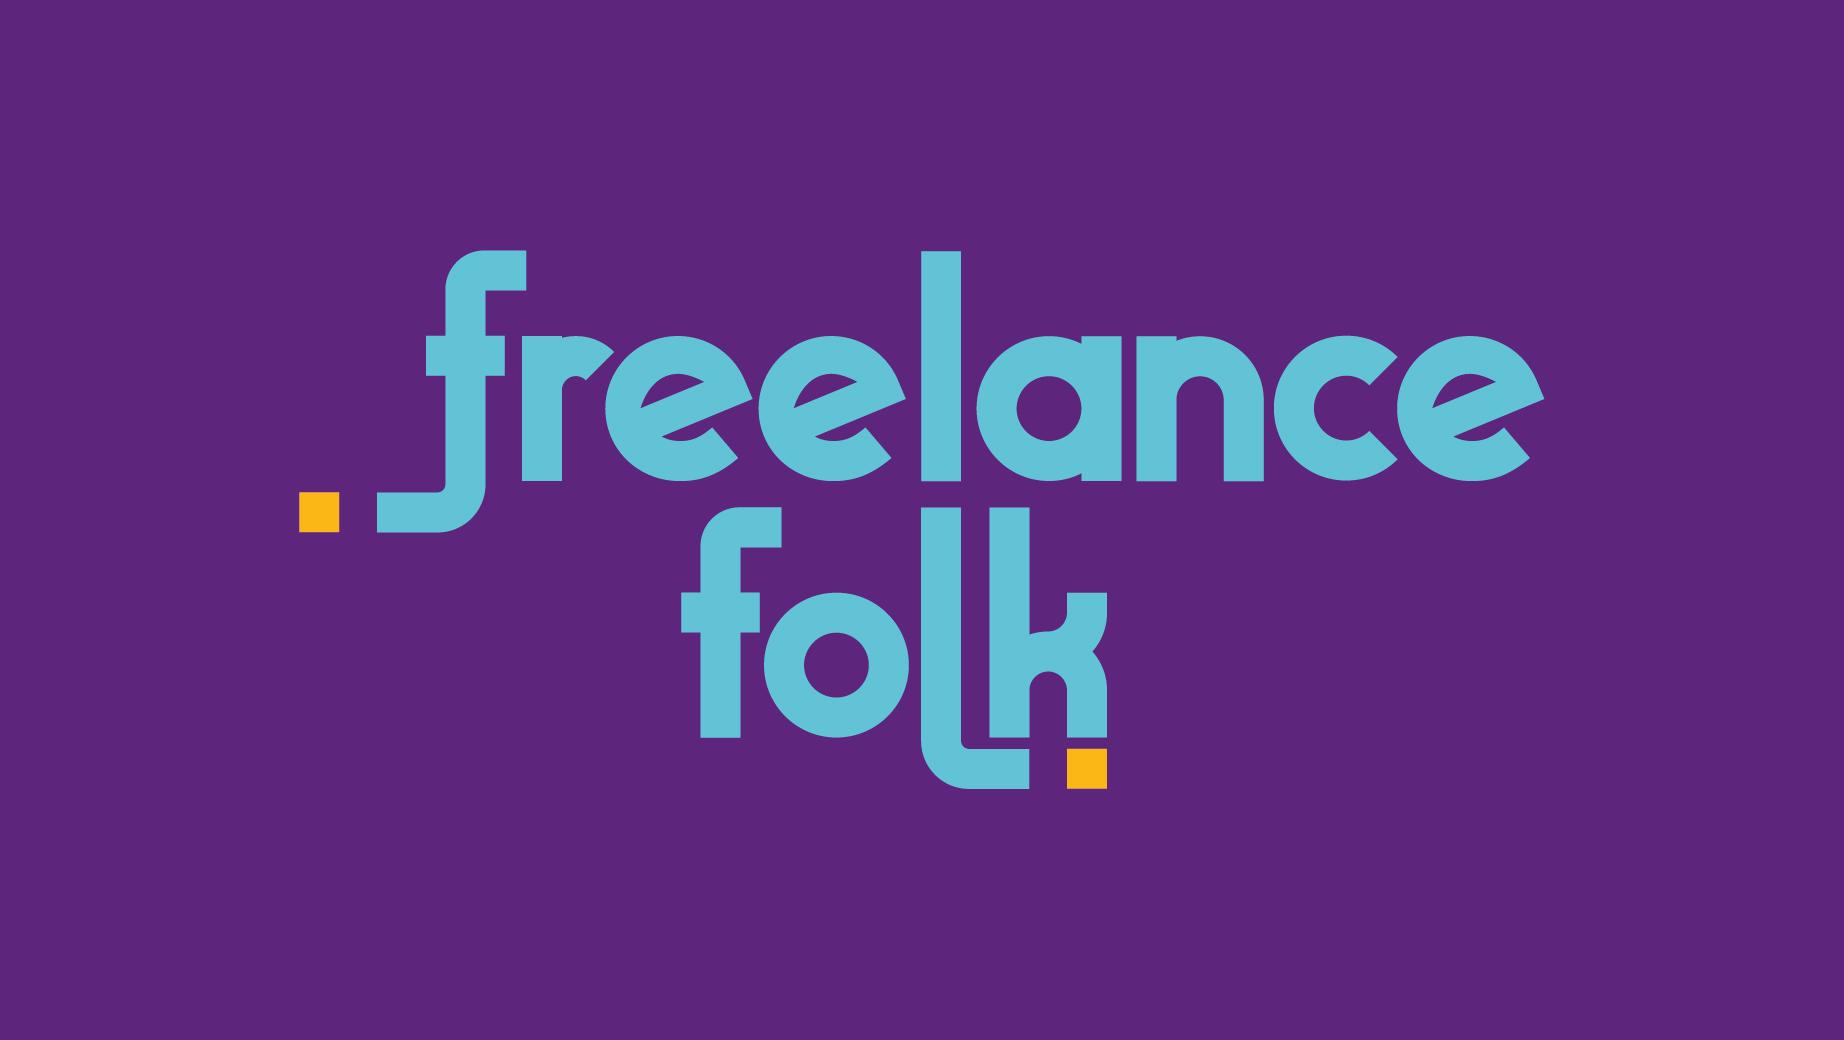 Freelance Folk